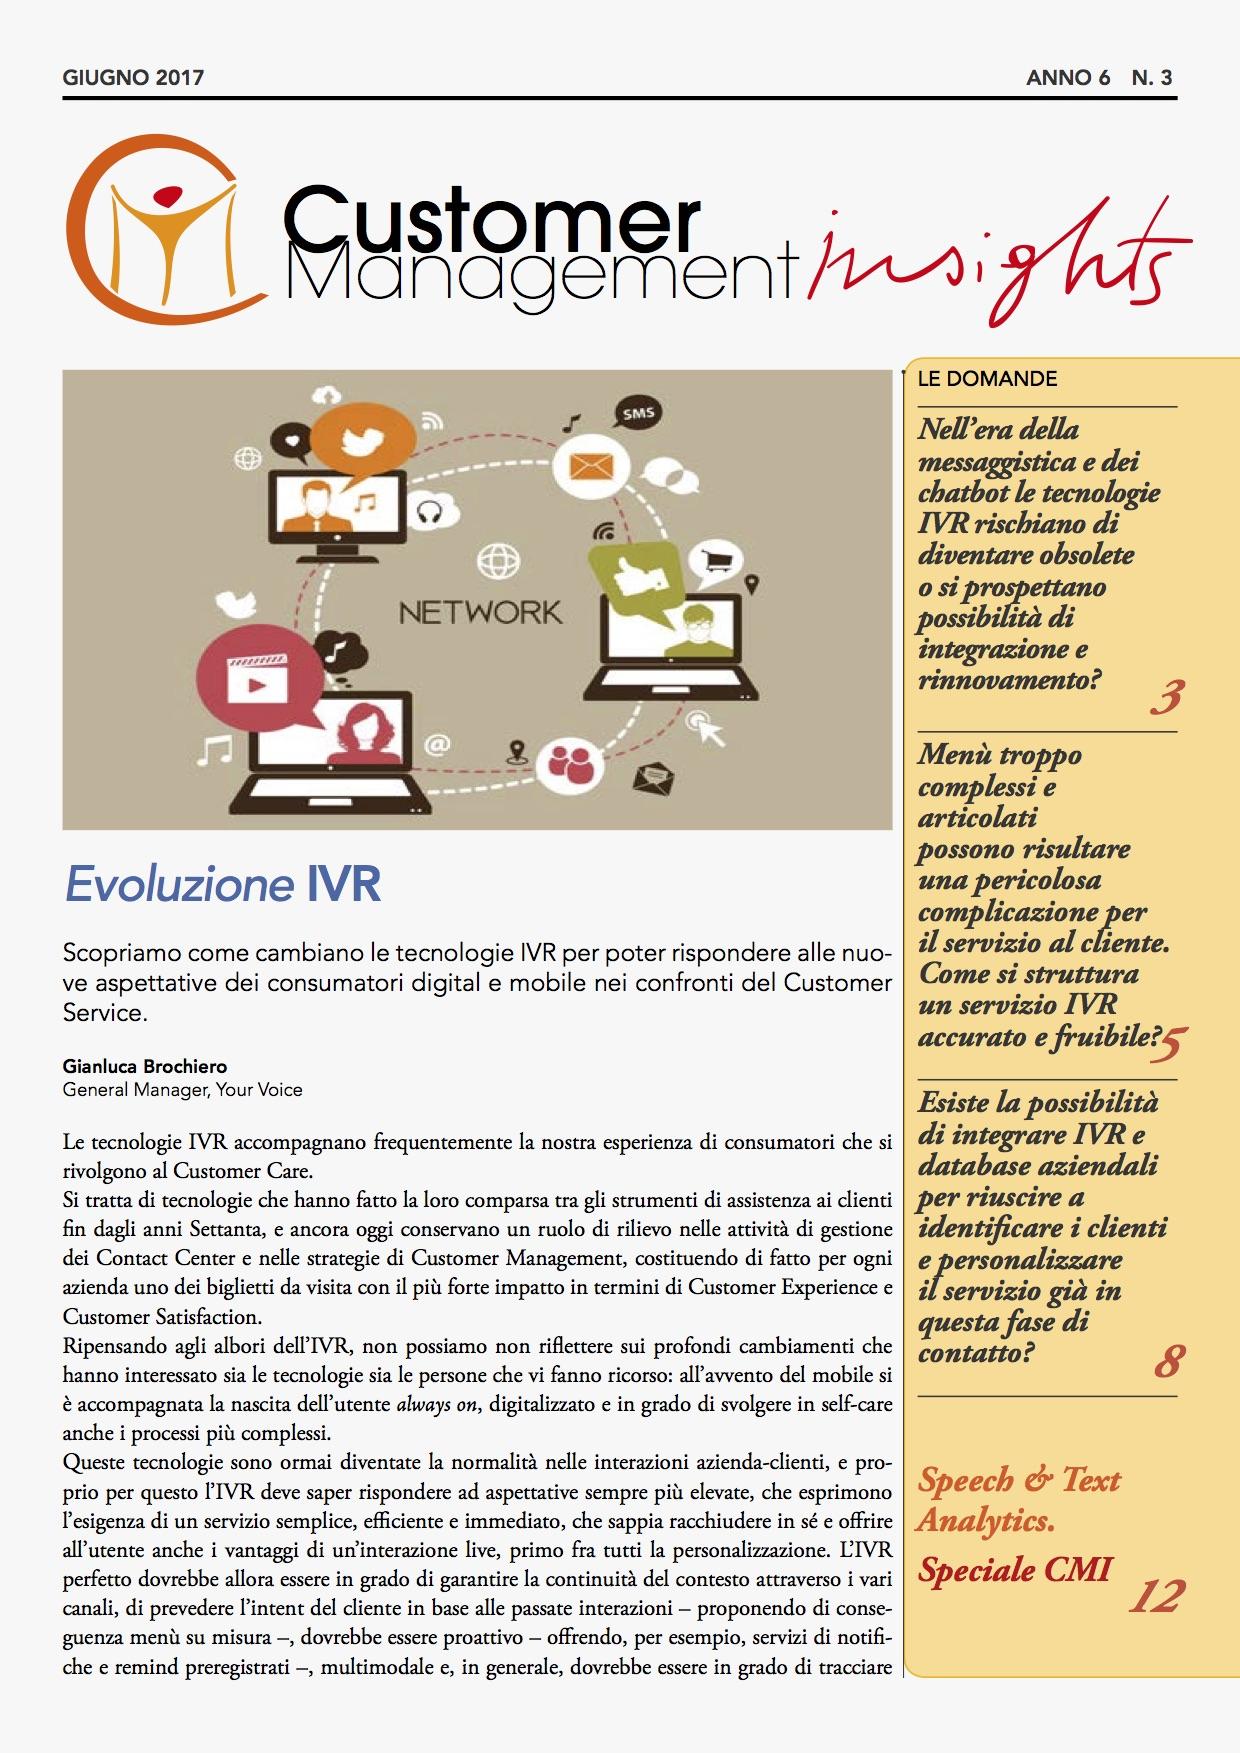 Doppio speciale: Evoluzione IVR e Speech & Text Analytics – CMI anno 6 n. 3